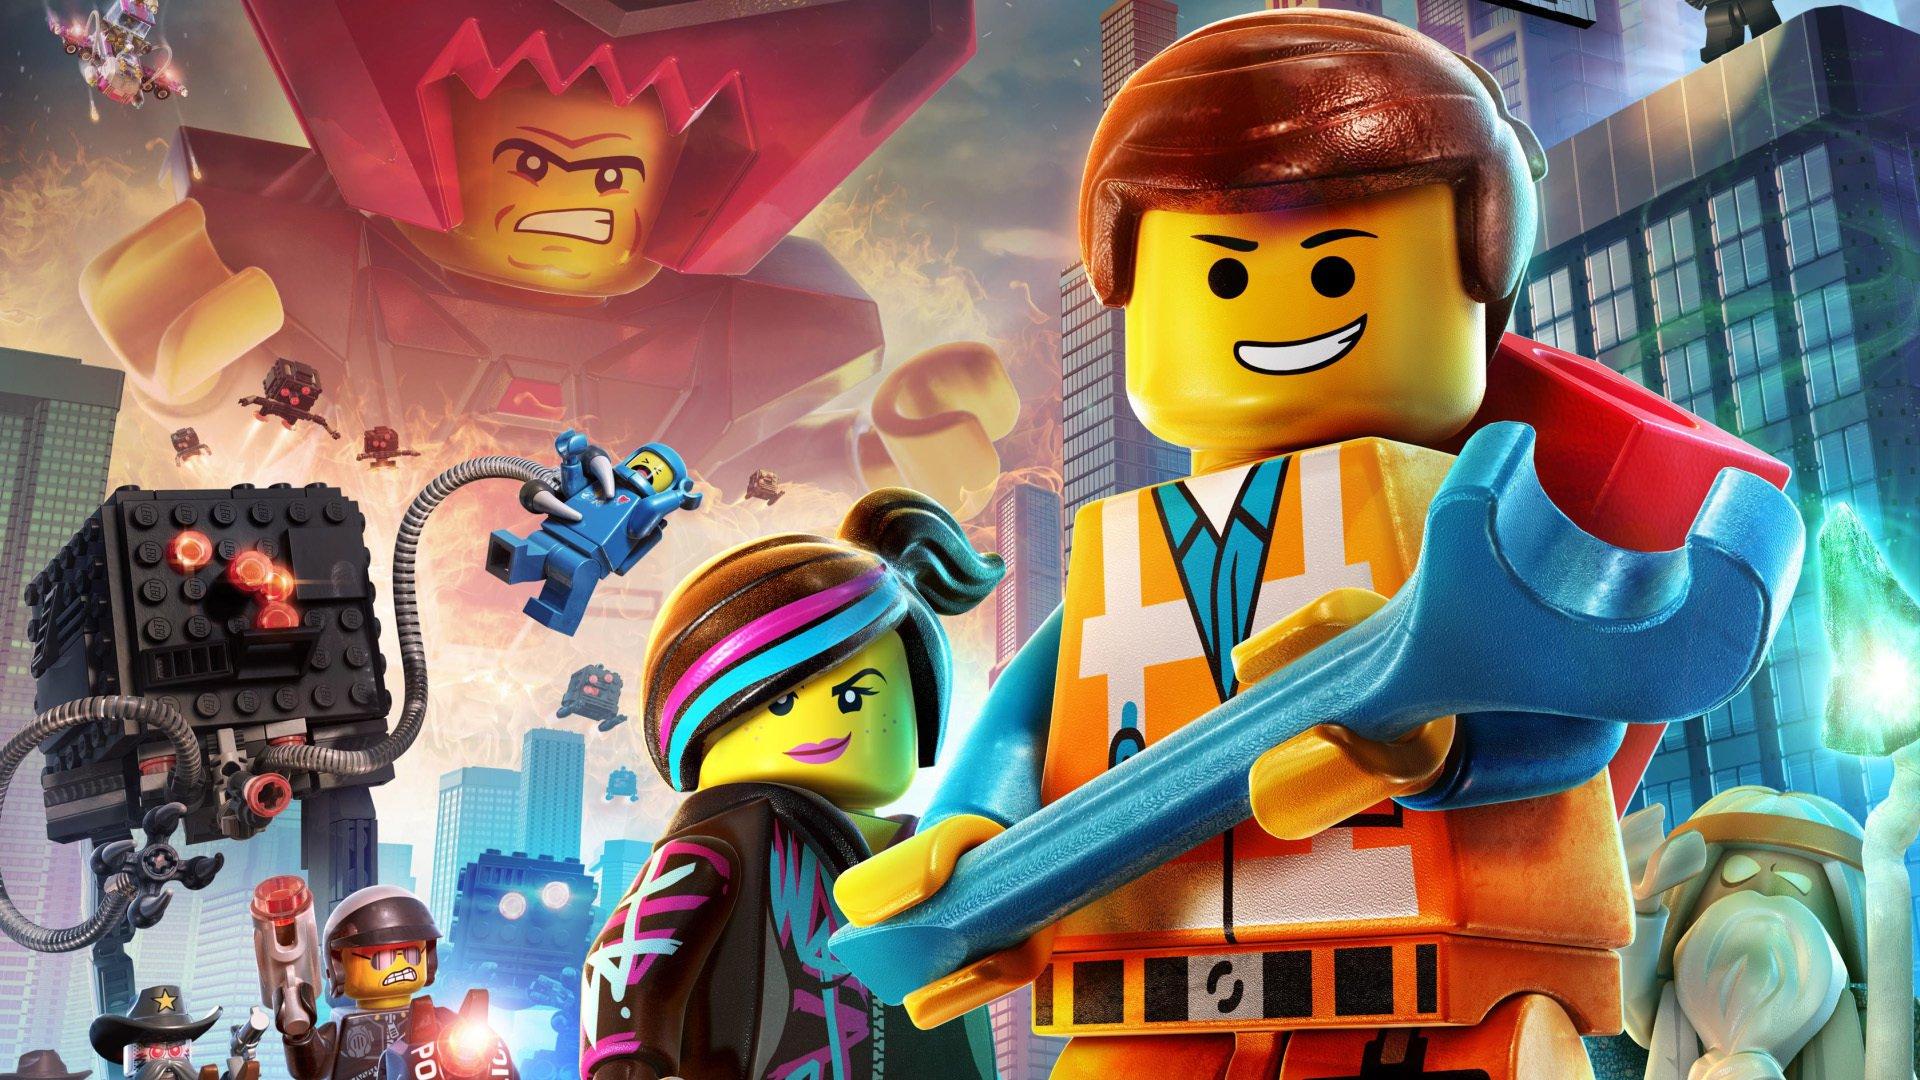 Лего. Фильм смотреть фото